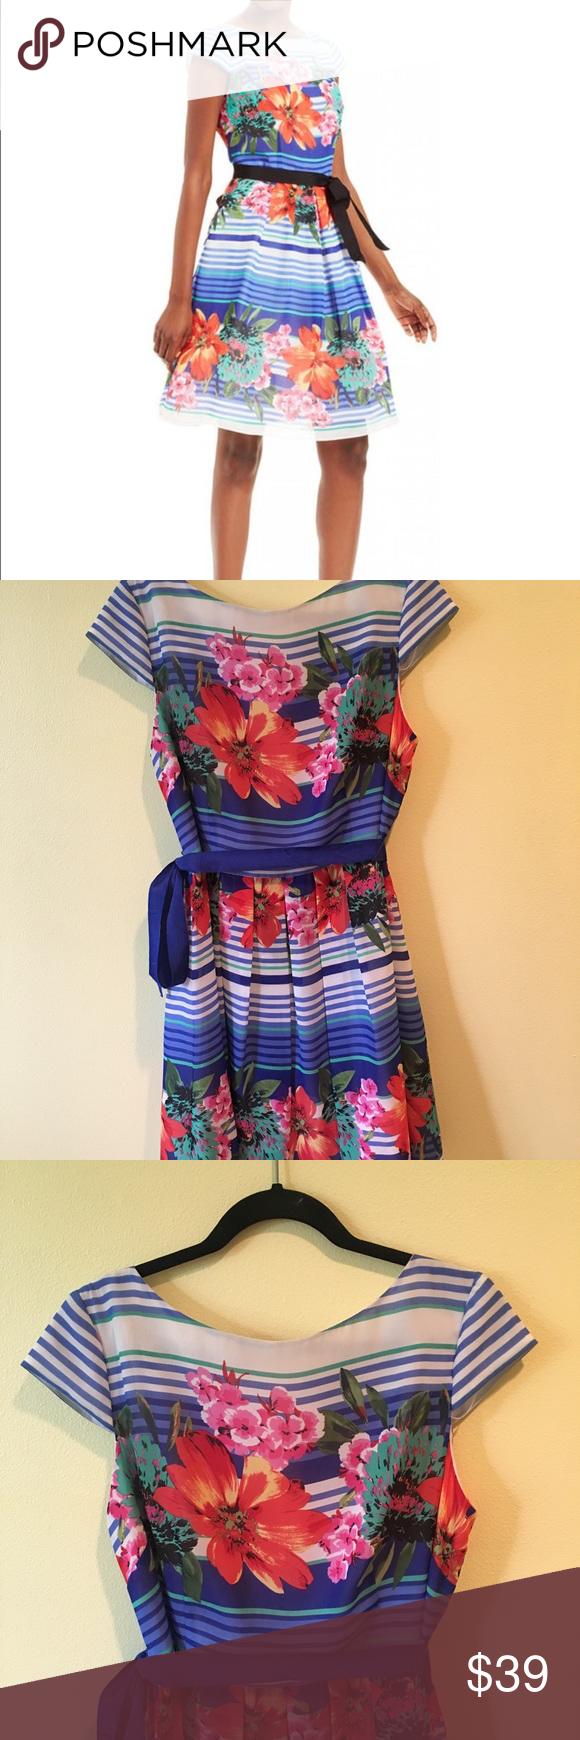 Sl Fashion Floral Summer Dress Wear To Wedding 16 Sl Fashions Sl Fashions Dress Fashion [ 1740 x 580 Pixel ]